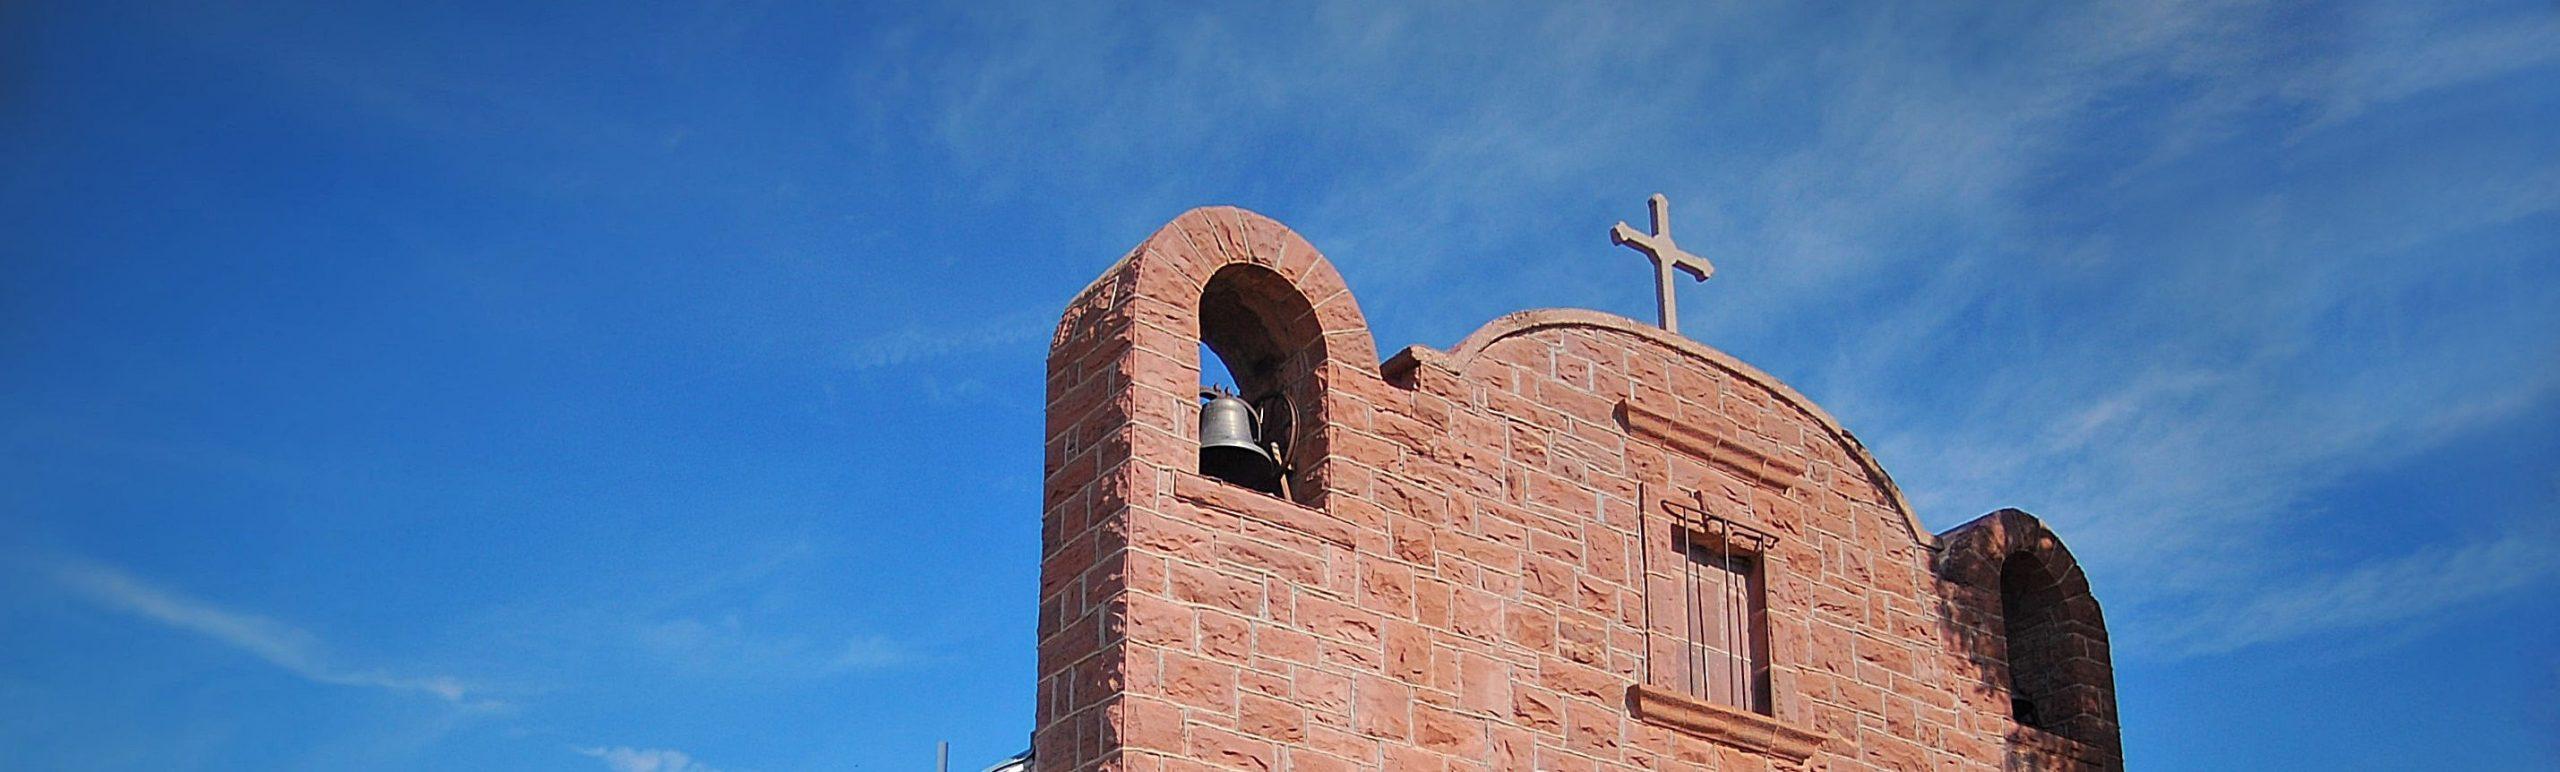 ST. ANTHONY's CATHOLIC MISSION